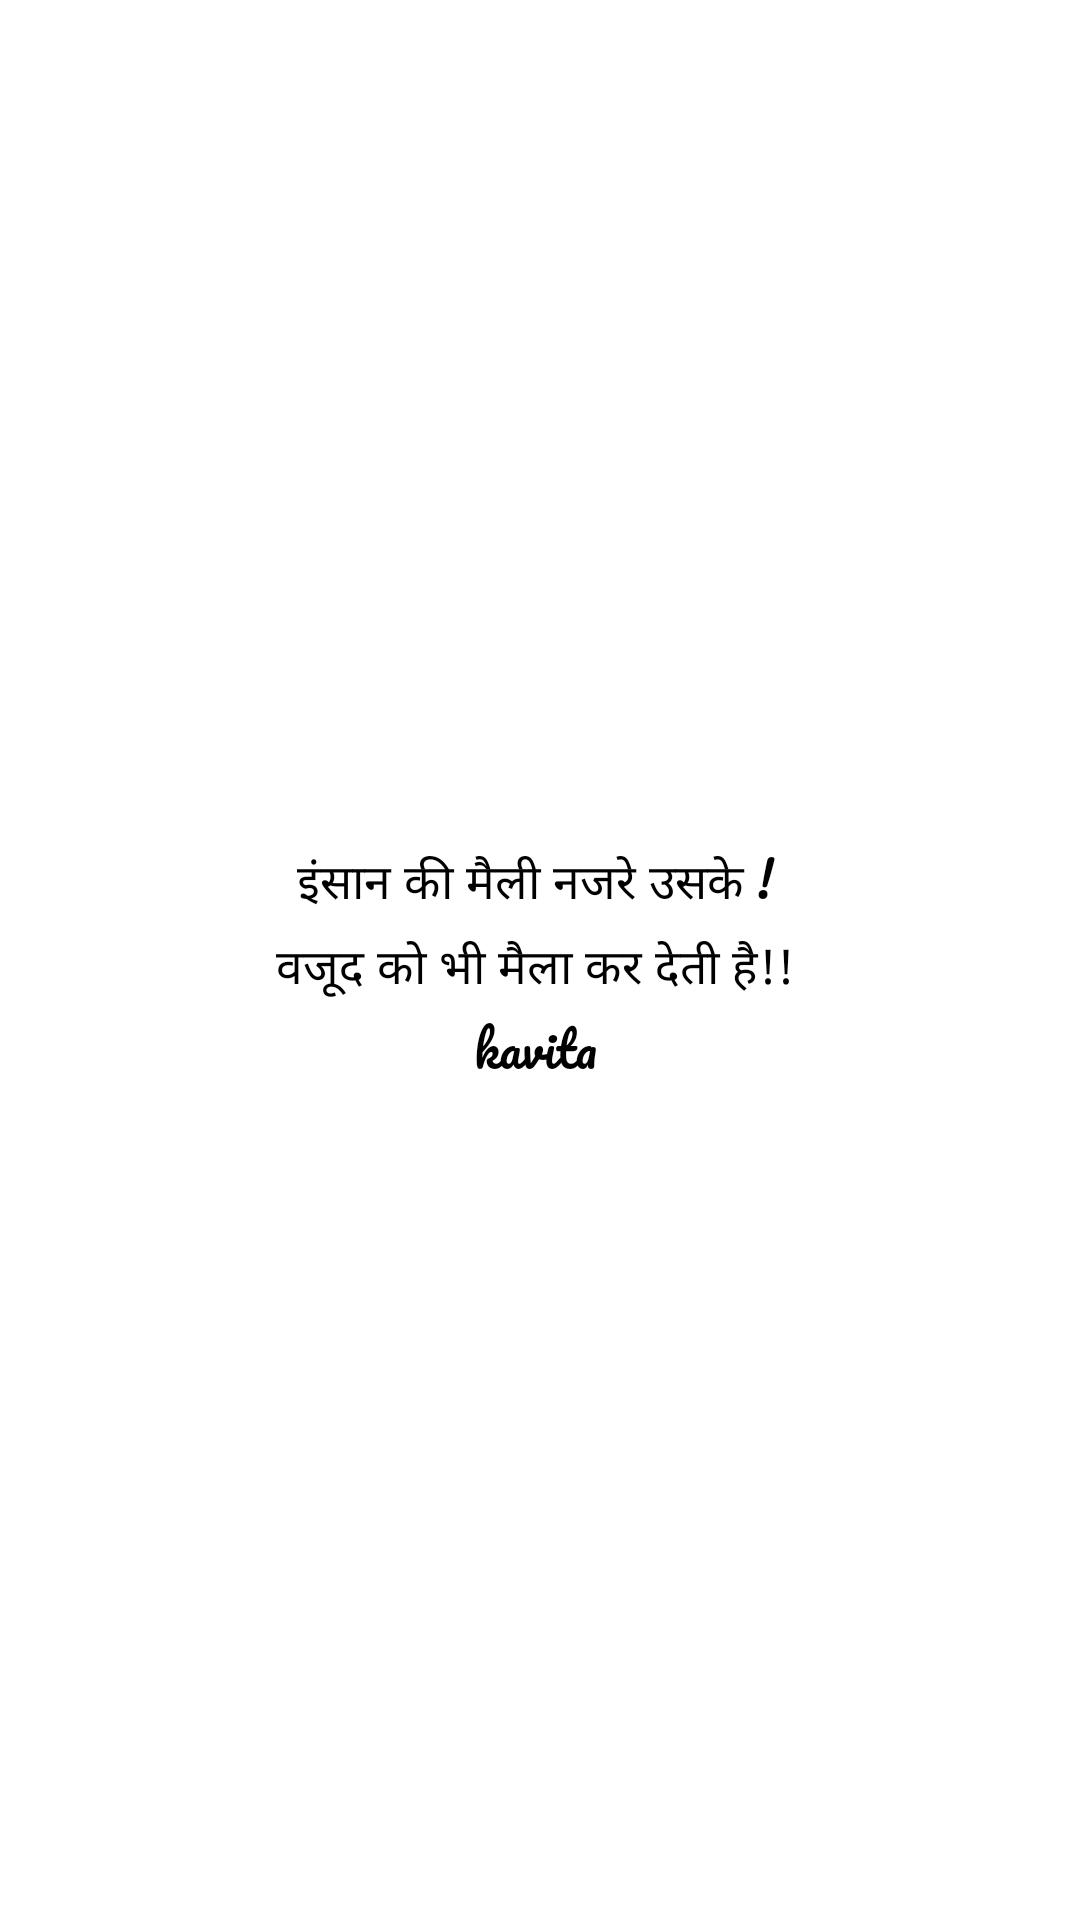 इंसान की मैली नजरे उसके ! वजूद को भी मैला कर देती है!! kavita